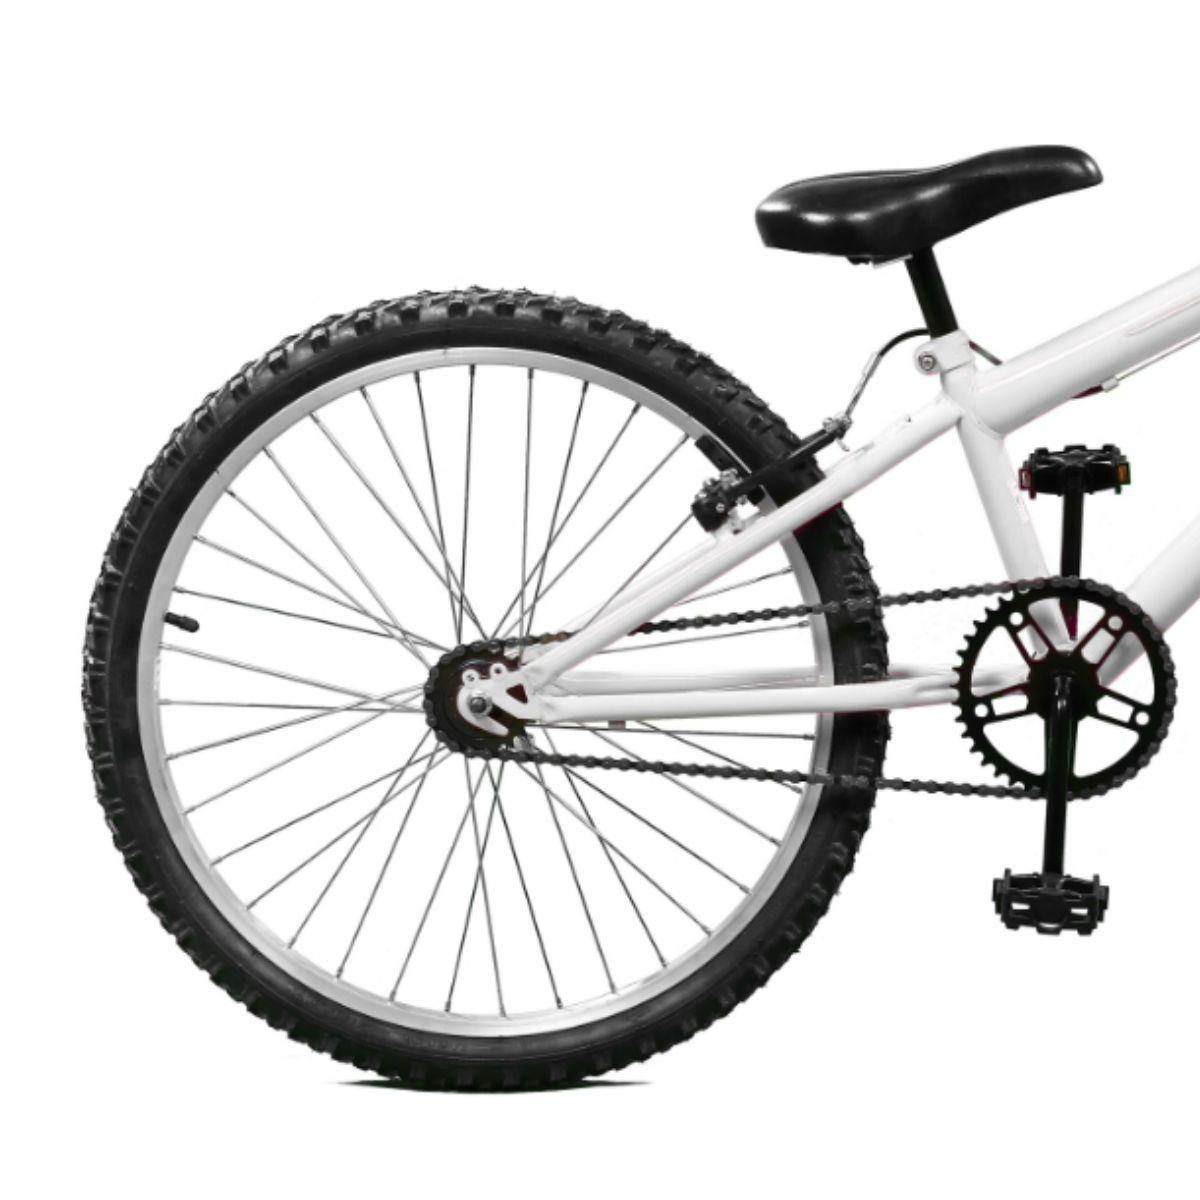 Bicicleta Master Bike Aro 24 Serena Freio V-Brake Branco